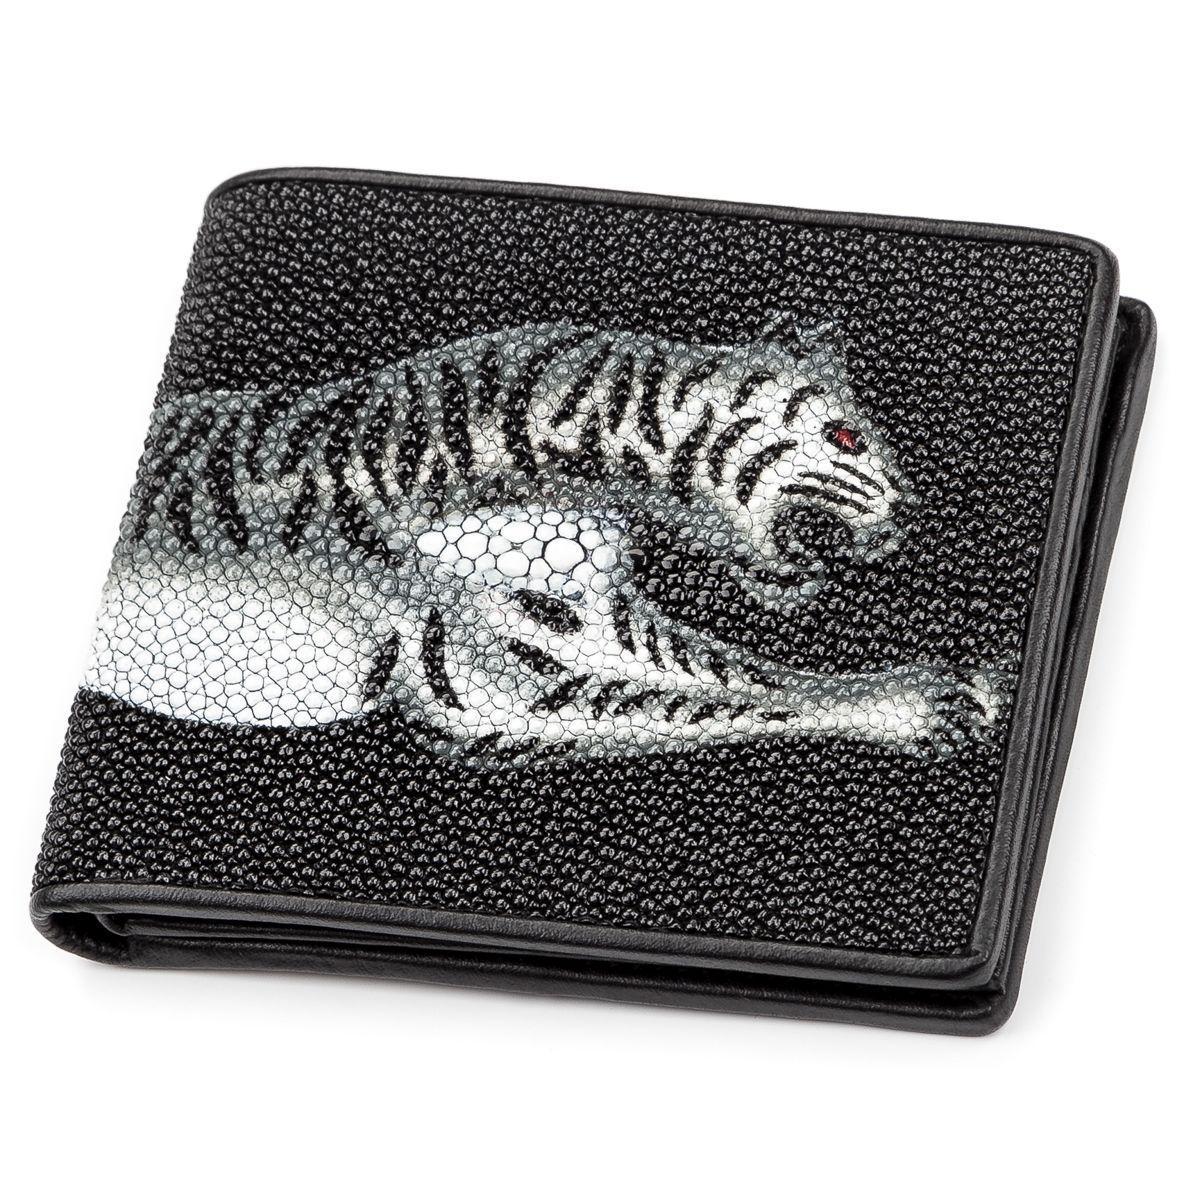 Портмоне мужское Ekzotic leather из натуральной кожи морского ската Черное (stw 50)